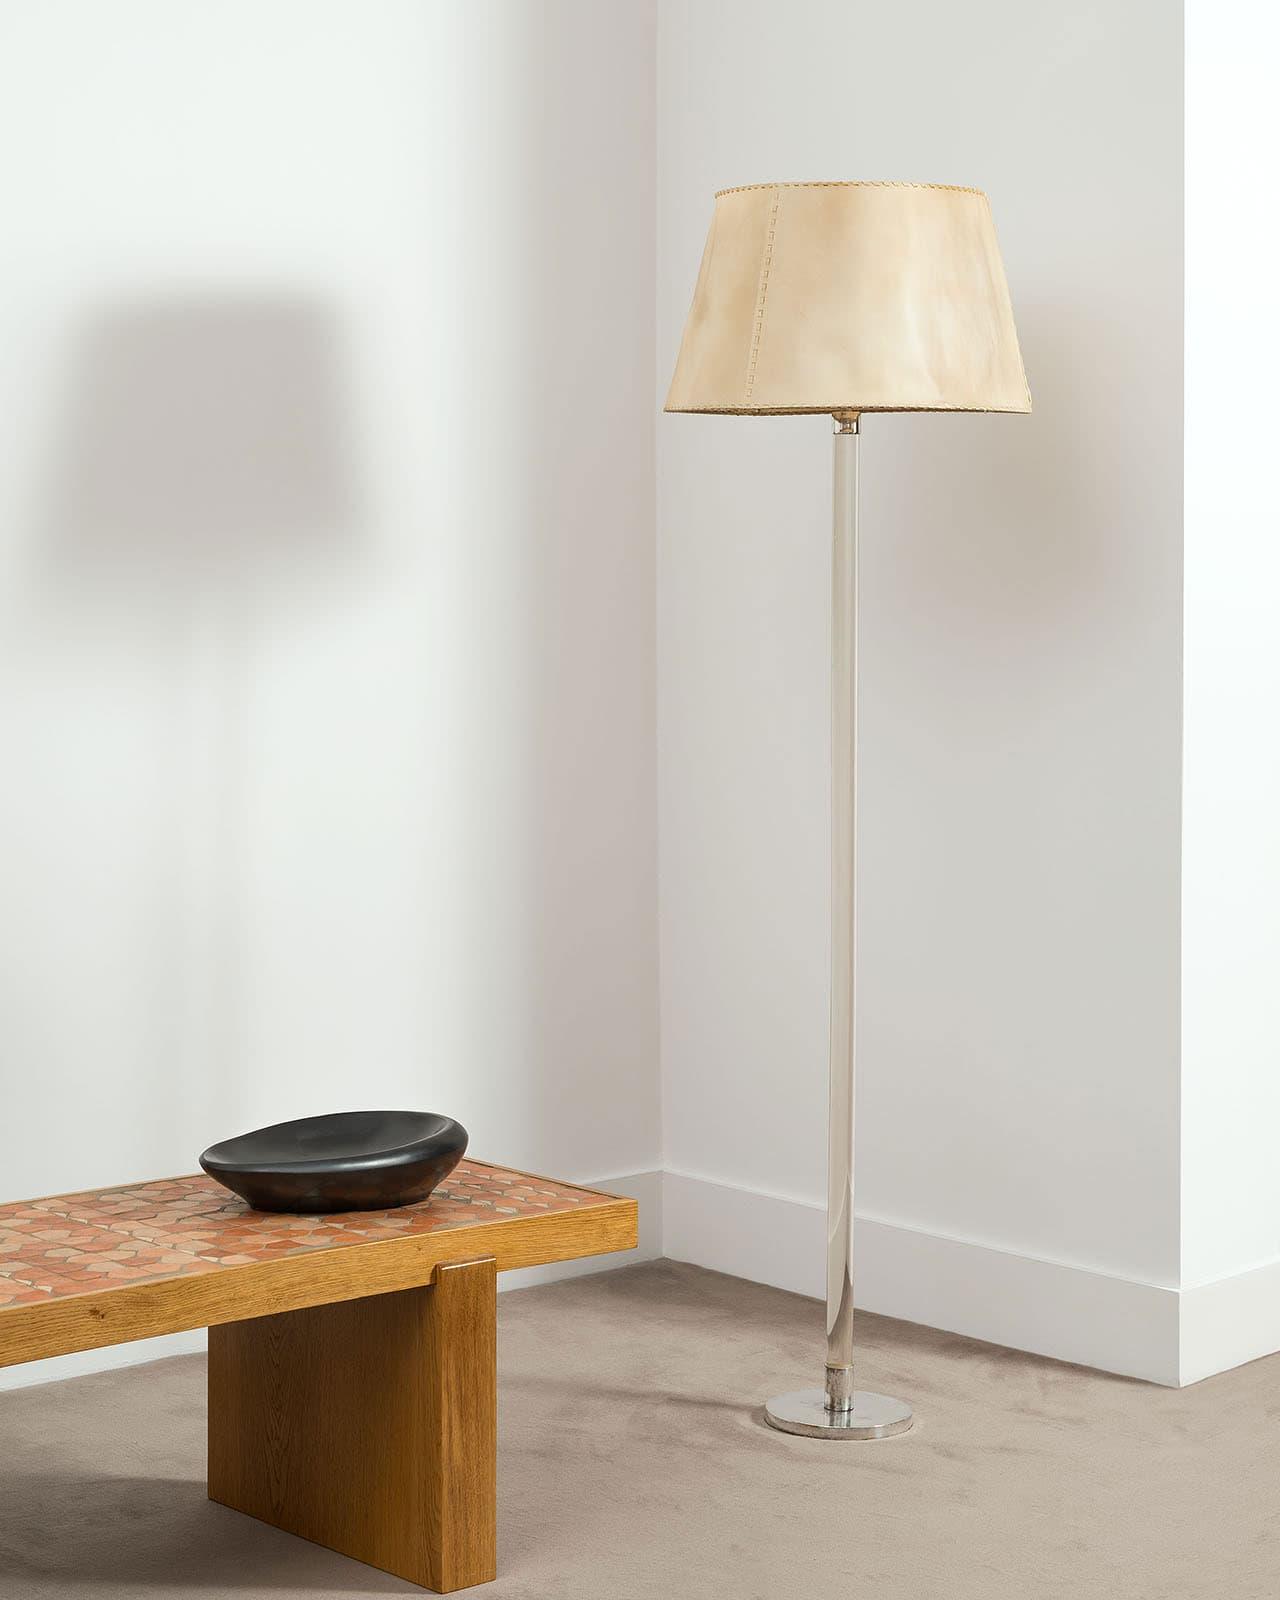 Jean-Michel Frank, Rare lampadaire (vendu), vue 01